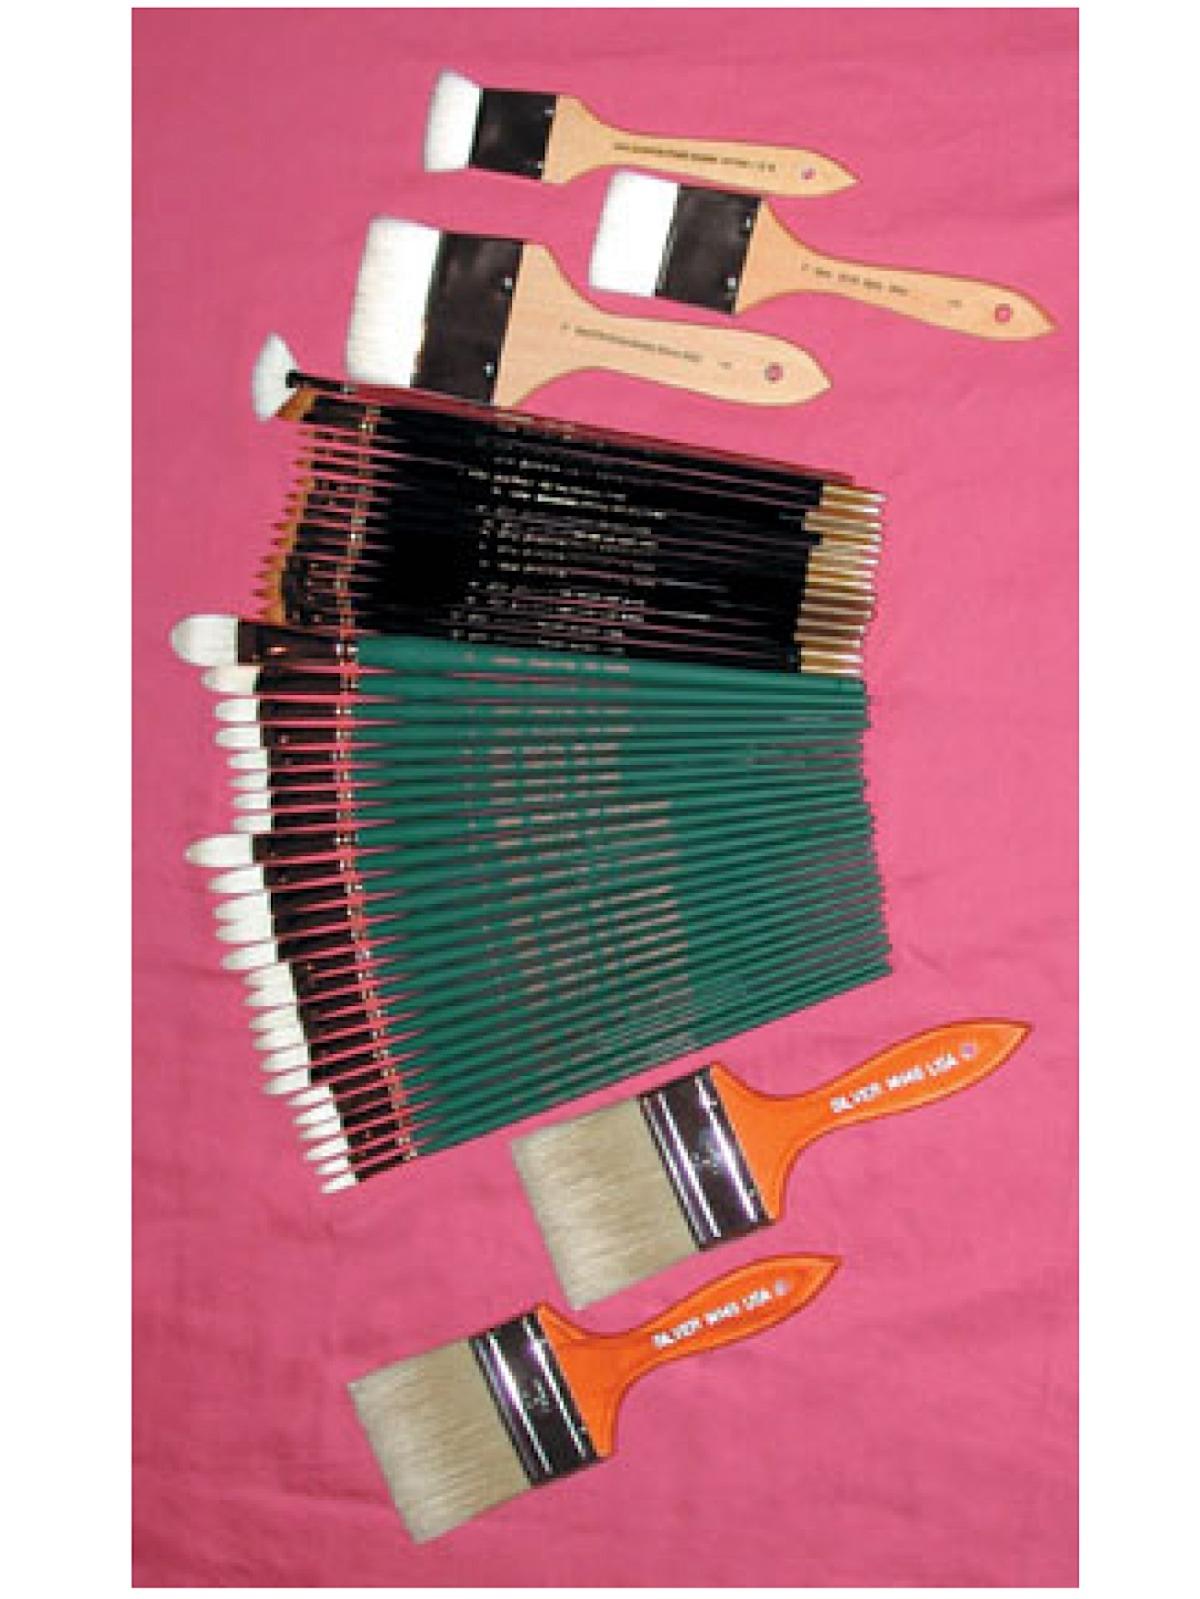 Nelson Shanks Brush Sets